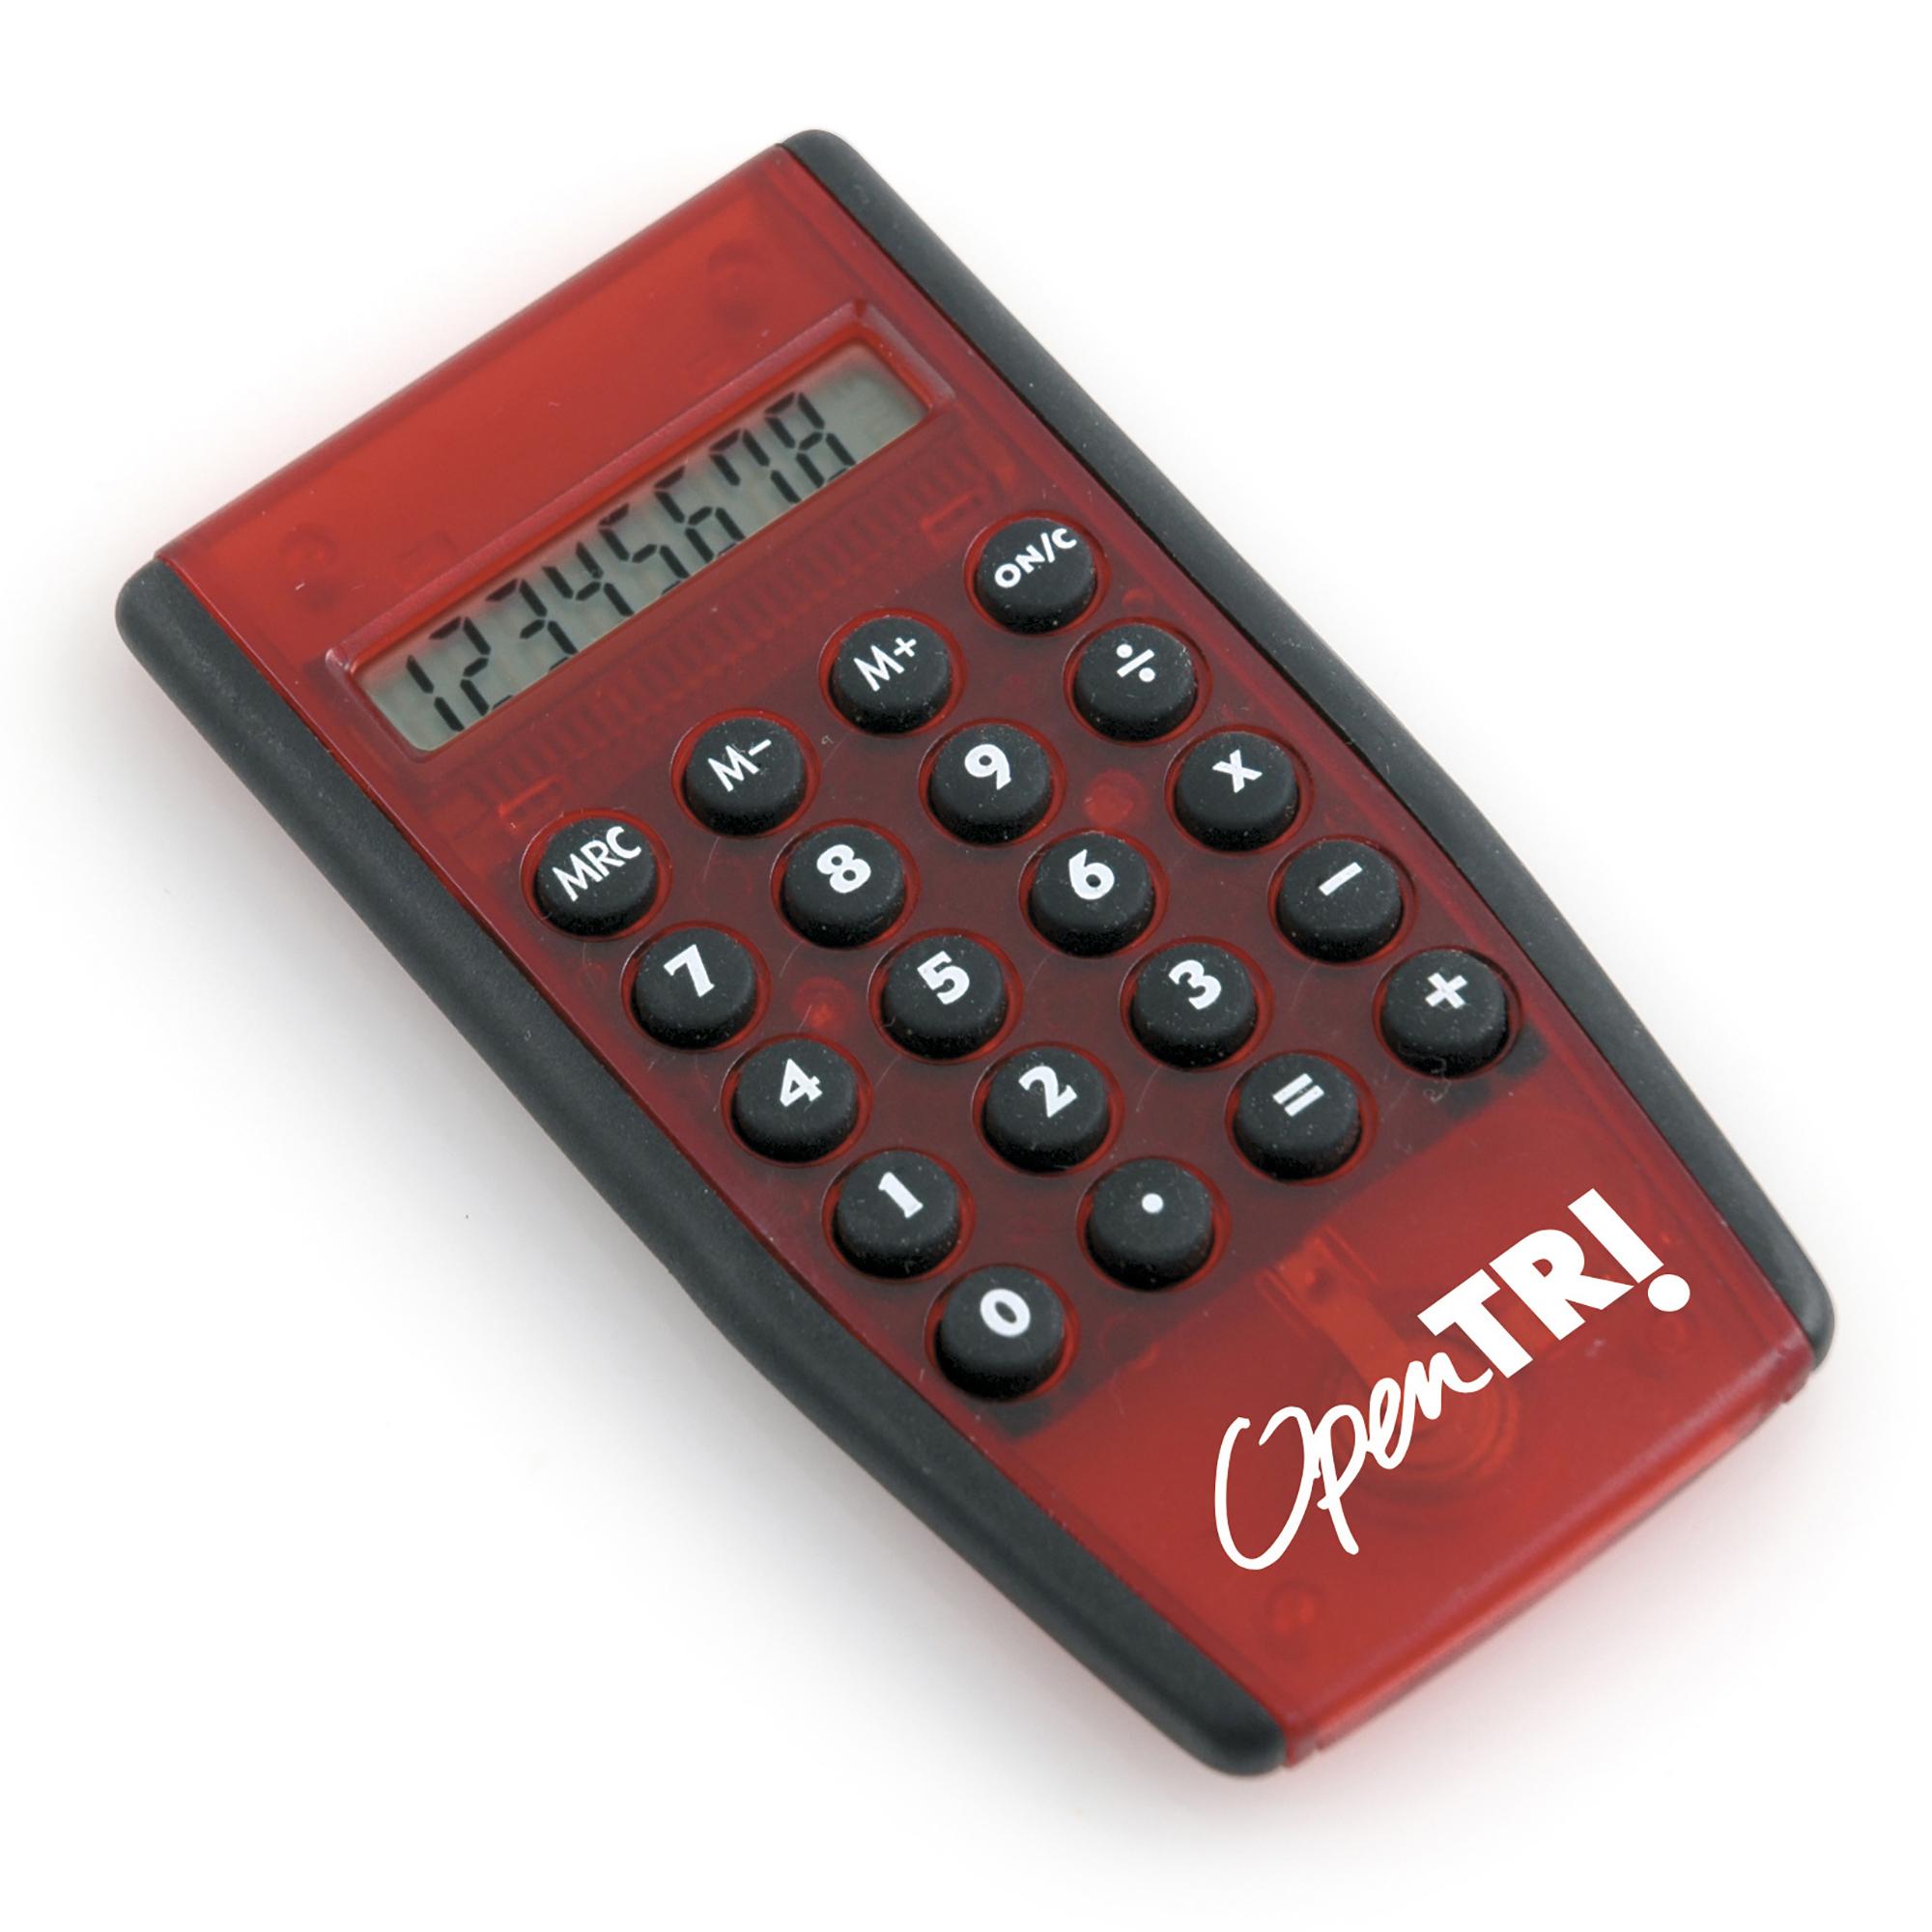 Branded Pythagoras Calculator